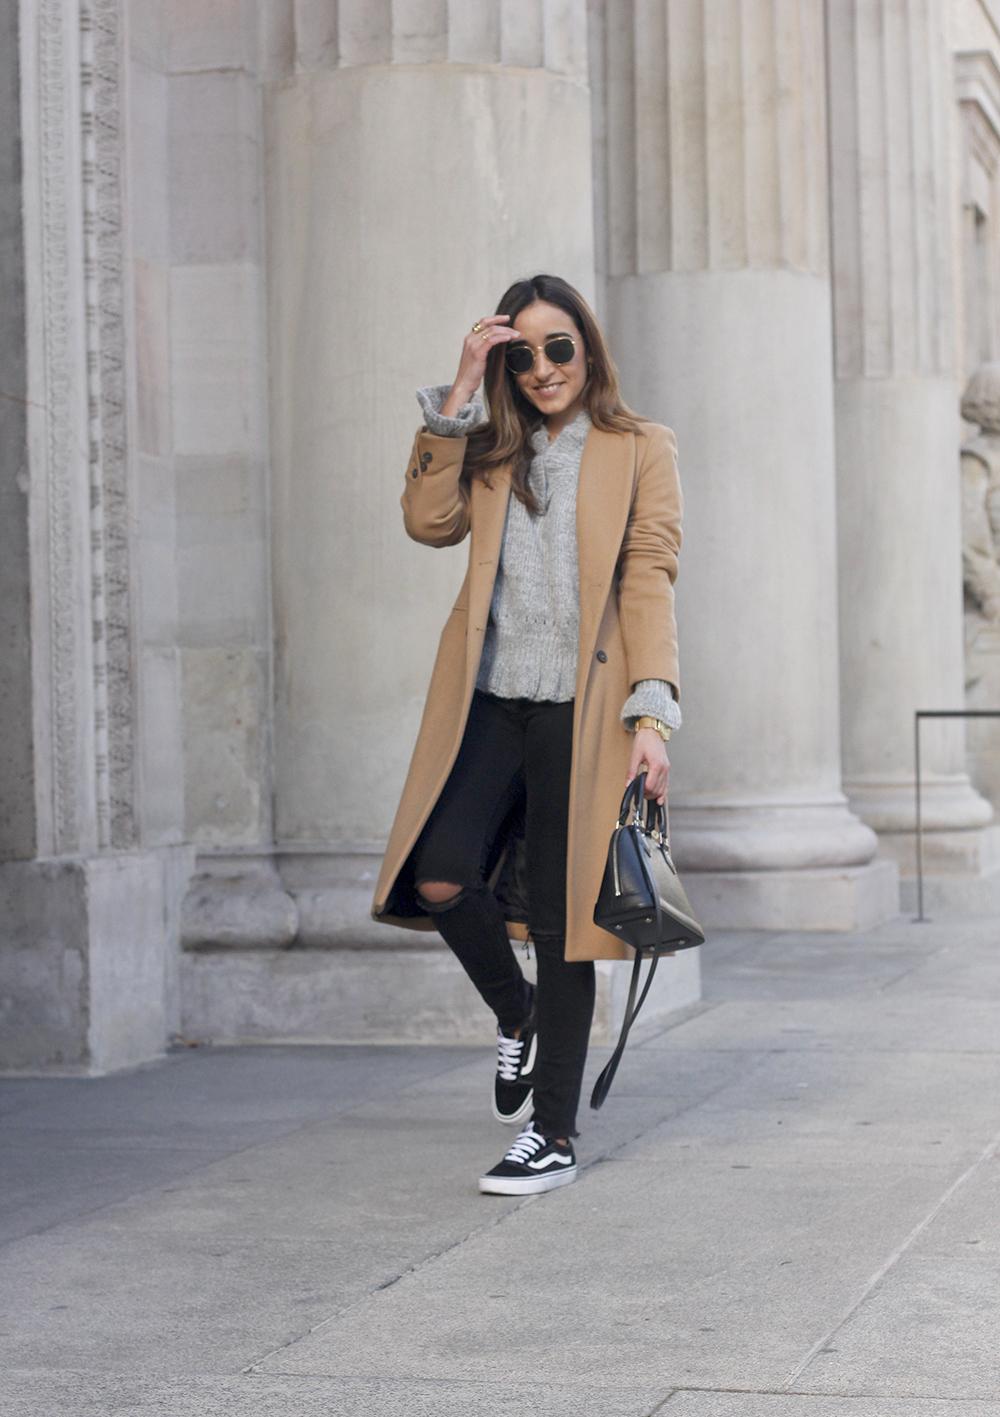 manteau camel louis vuitton van outfit 20193